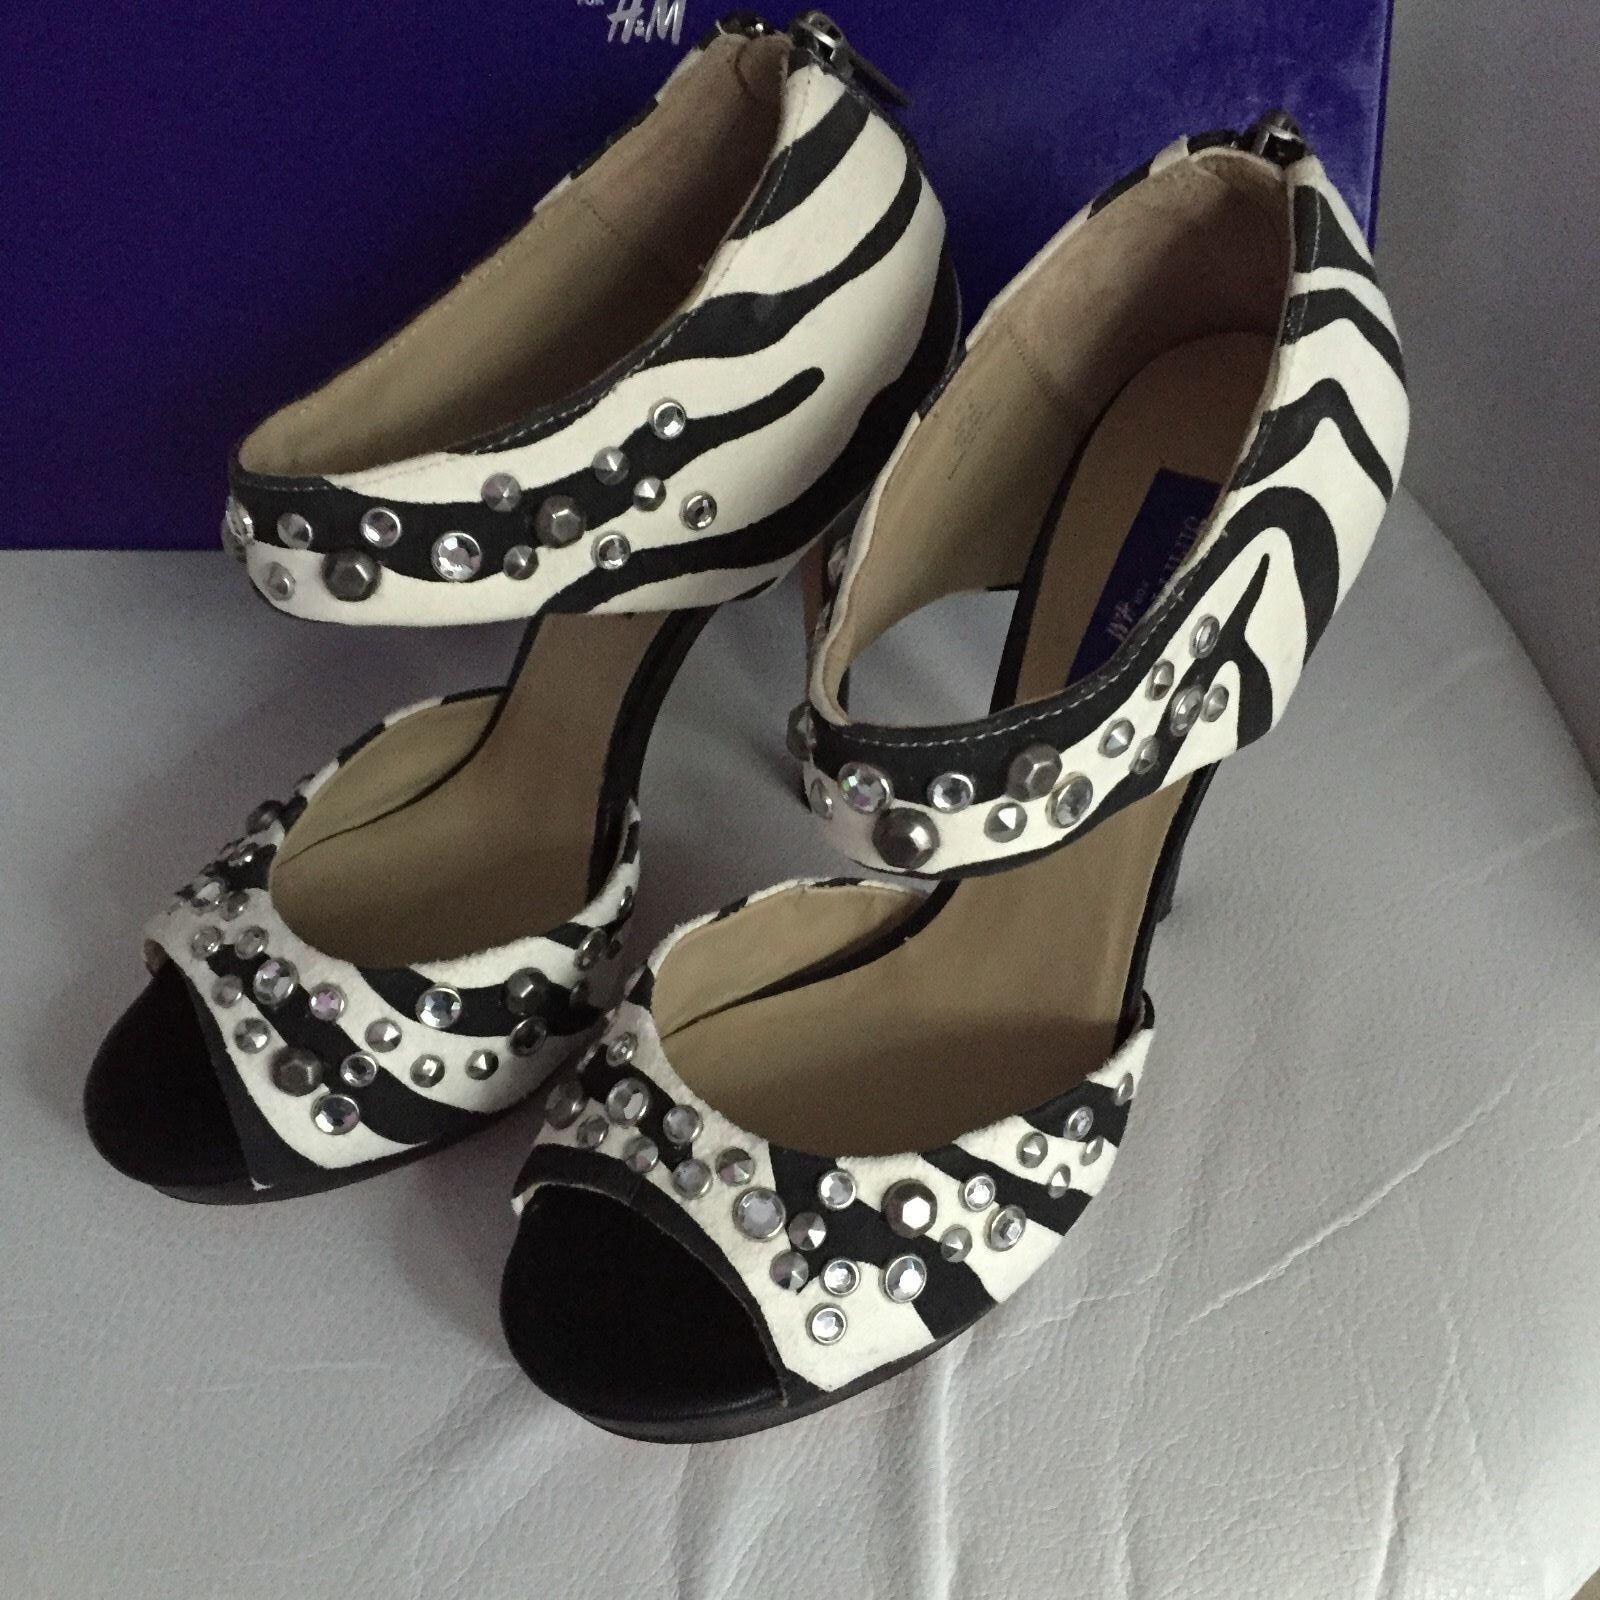 grandi offerte Jimmy Choo For h&m Tacco Alto Pumps EUR TG 39 39 39 Dimensione US 8 Zebra Design Nuovo  negozio online